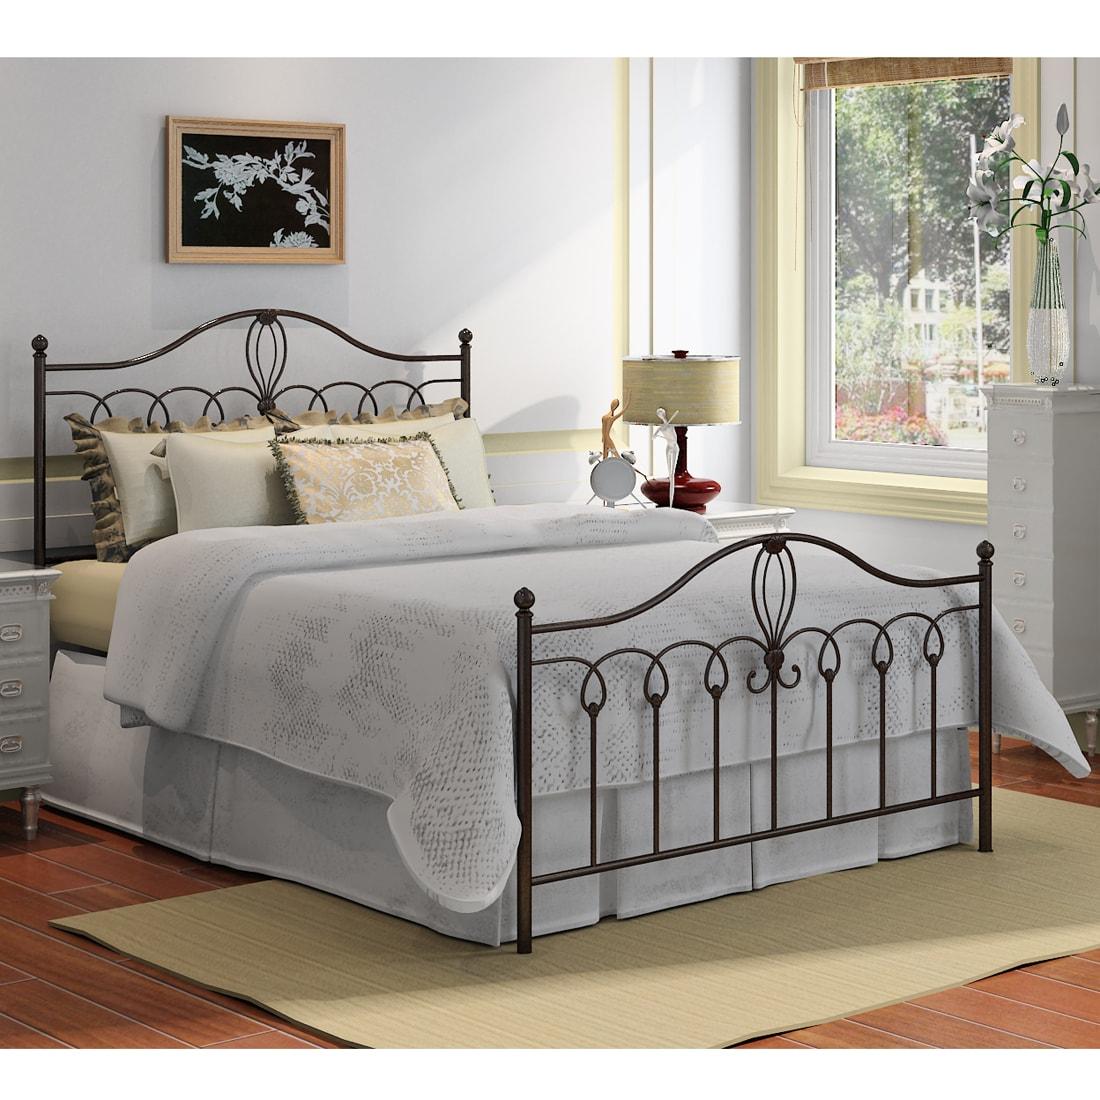 Shop Rebecca Metal Queen Size Bed